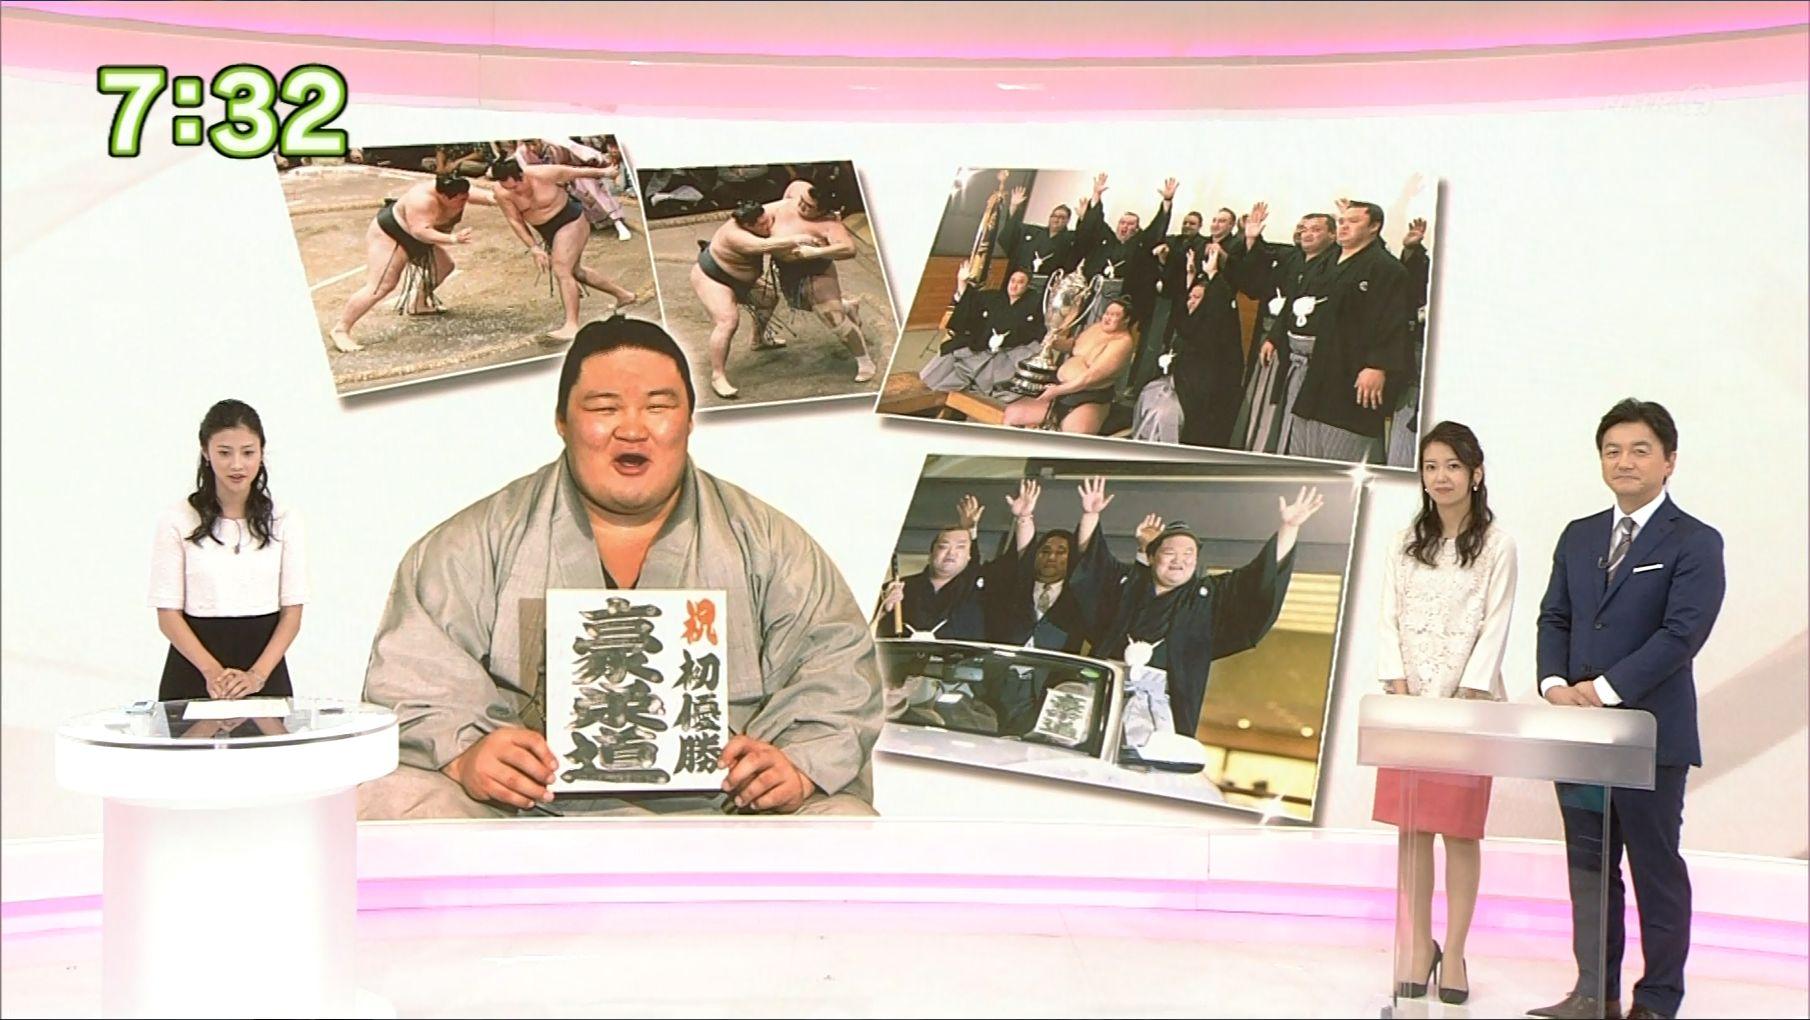 【リオからも】 森花子アナ Part9 【ギュギュッと】 [無断転載禁止]©2ch.netYouTube動画>19本 ->画像>674枚